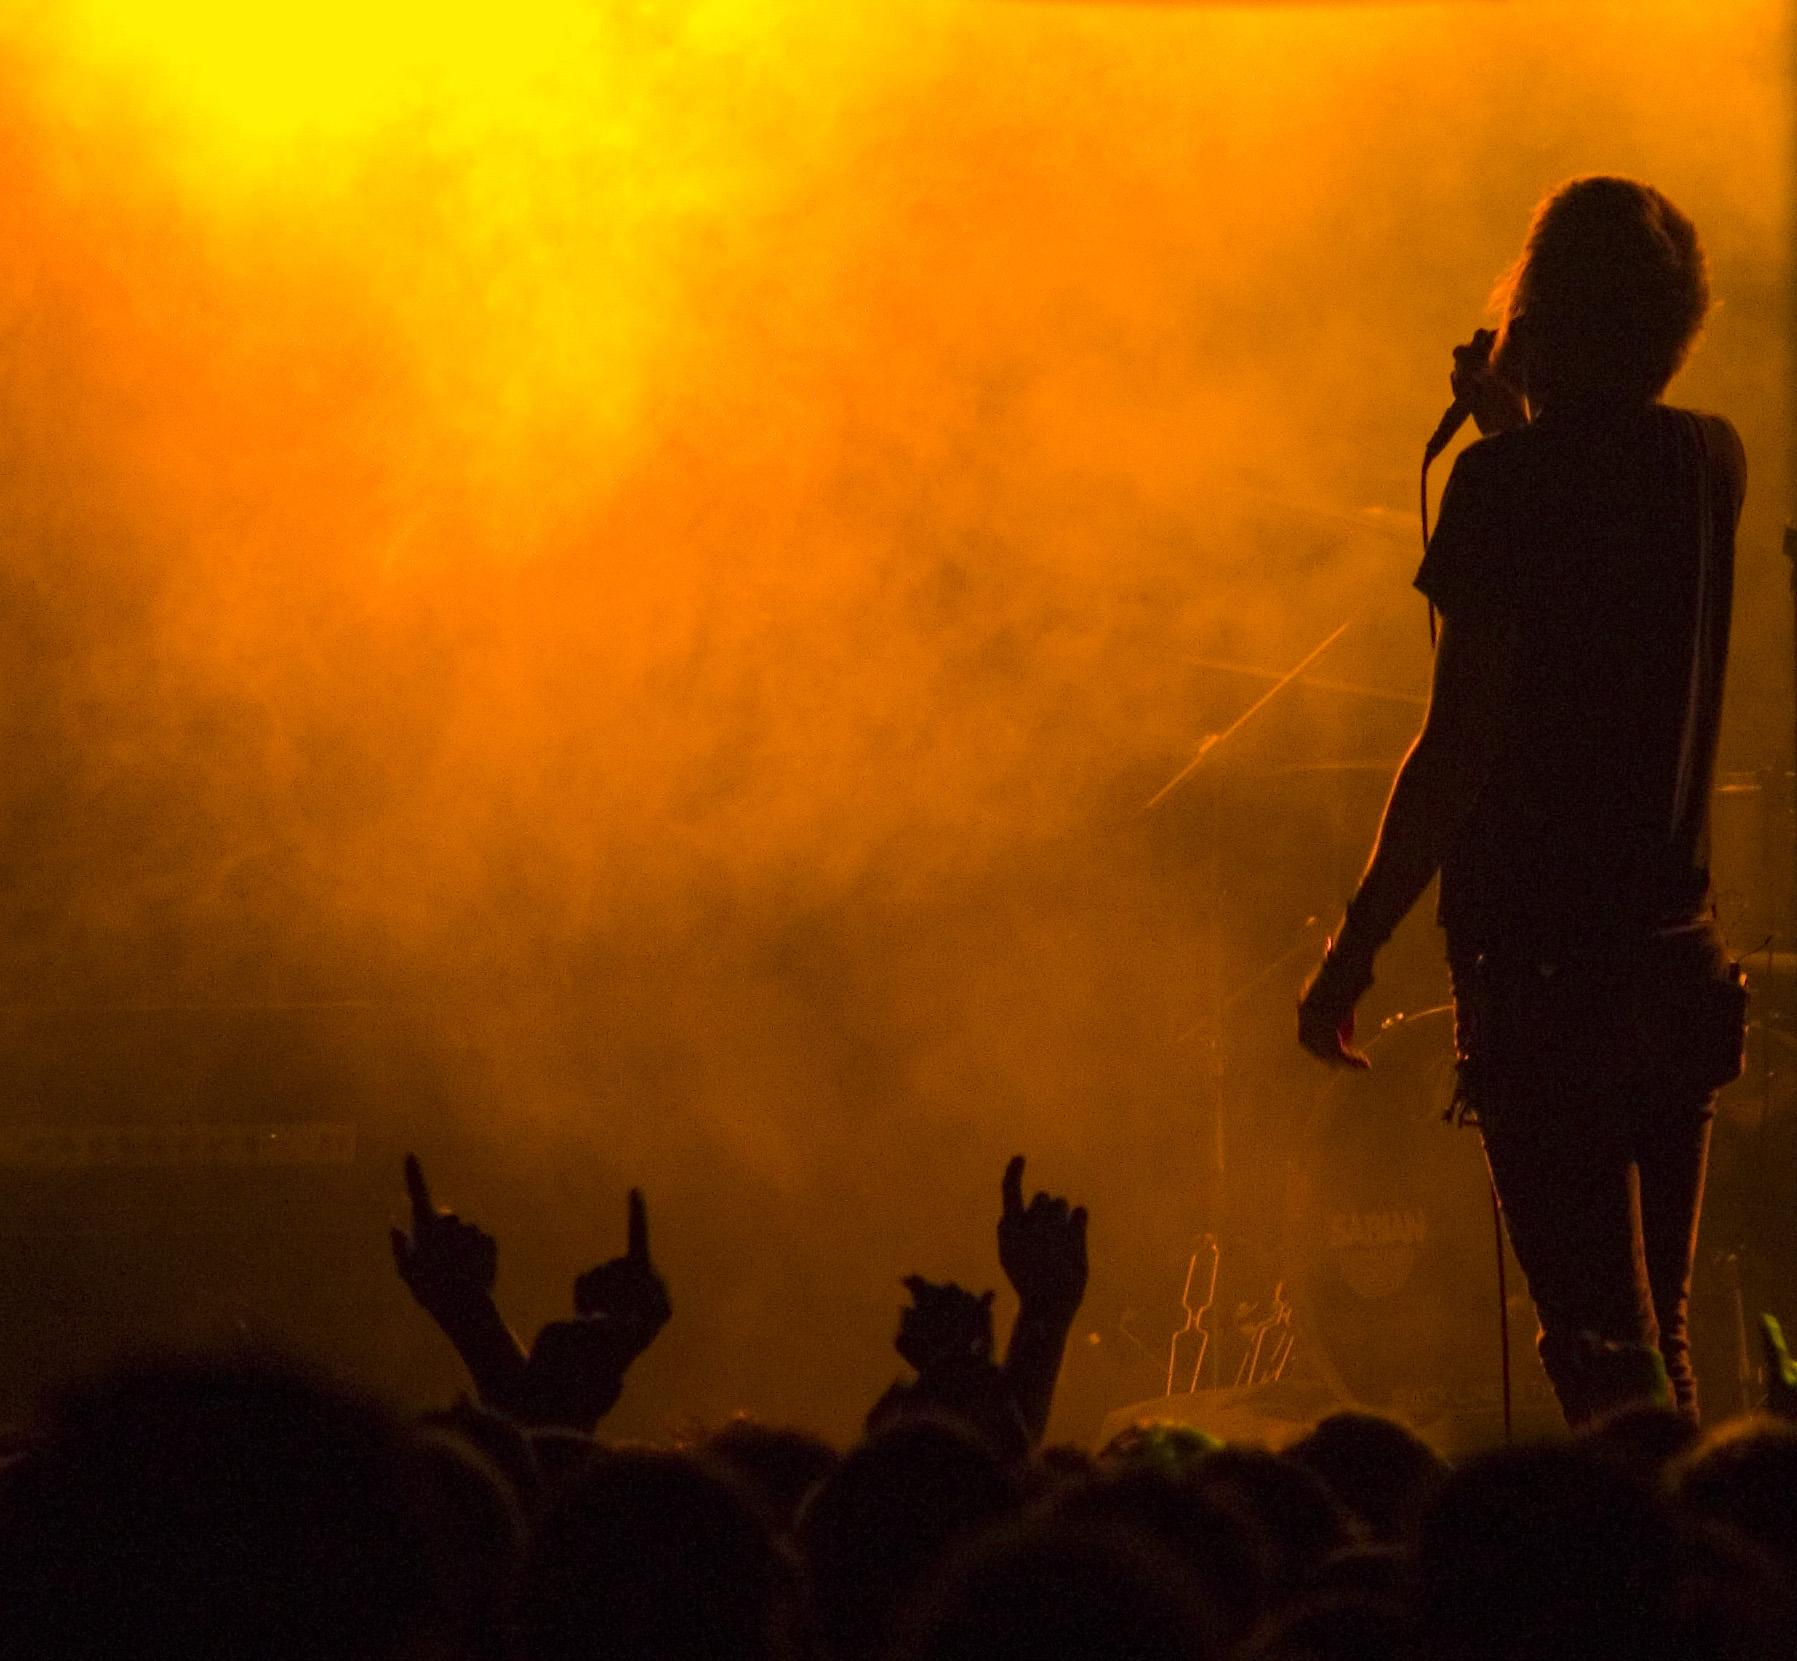 concert-1189401